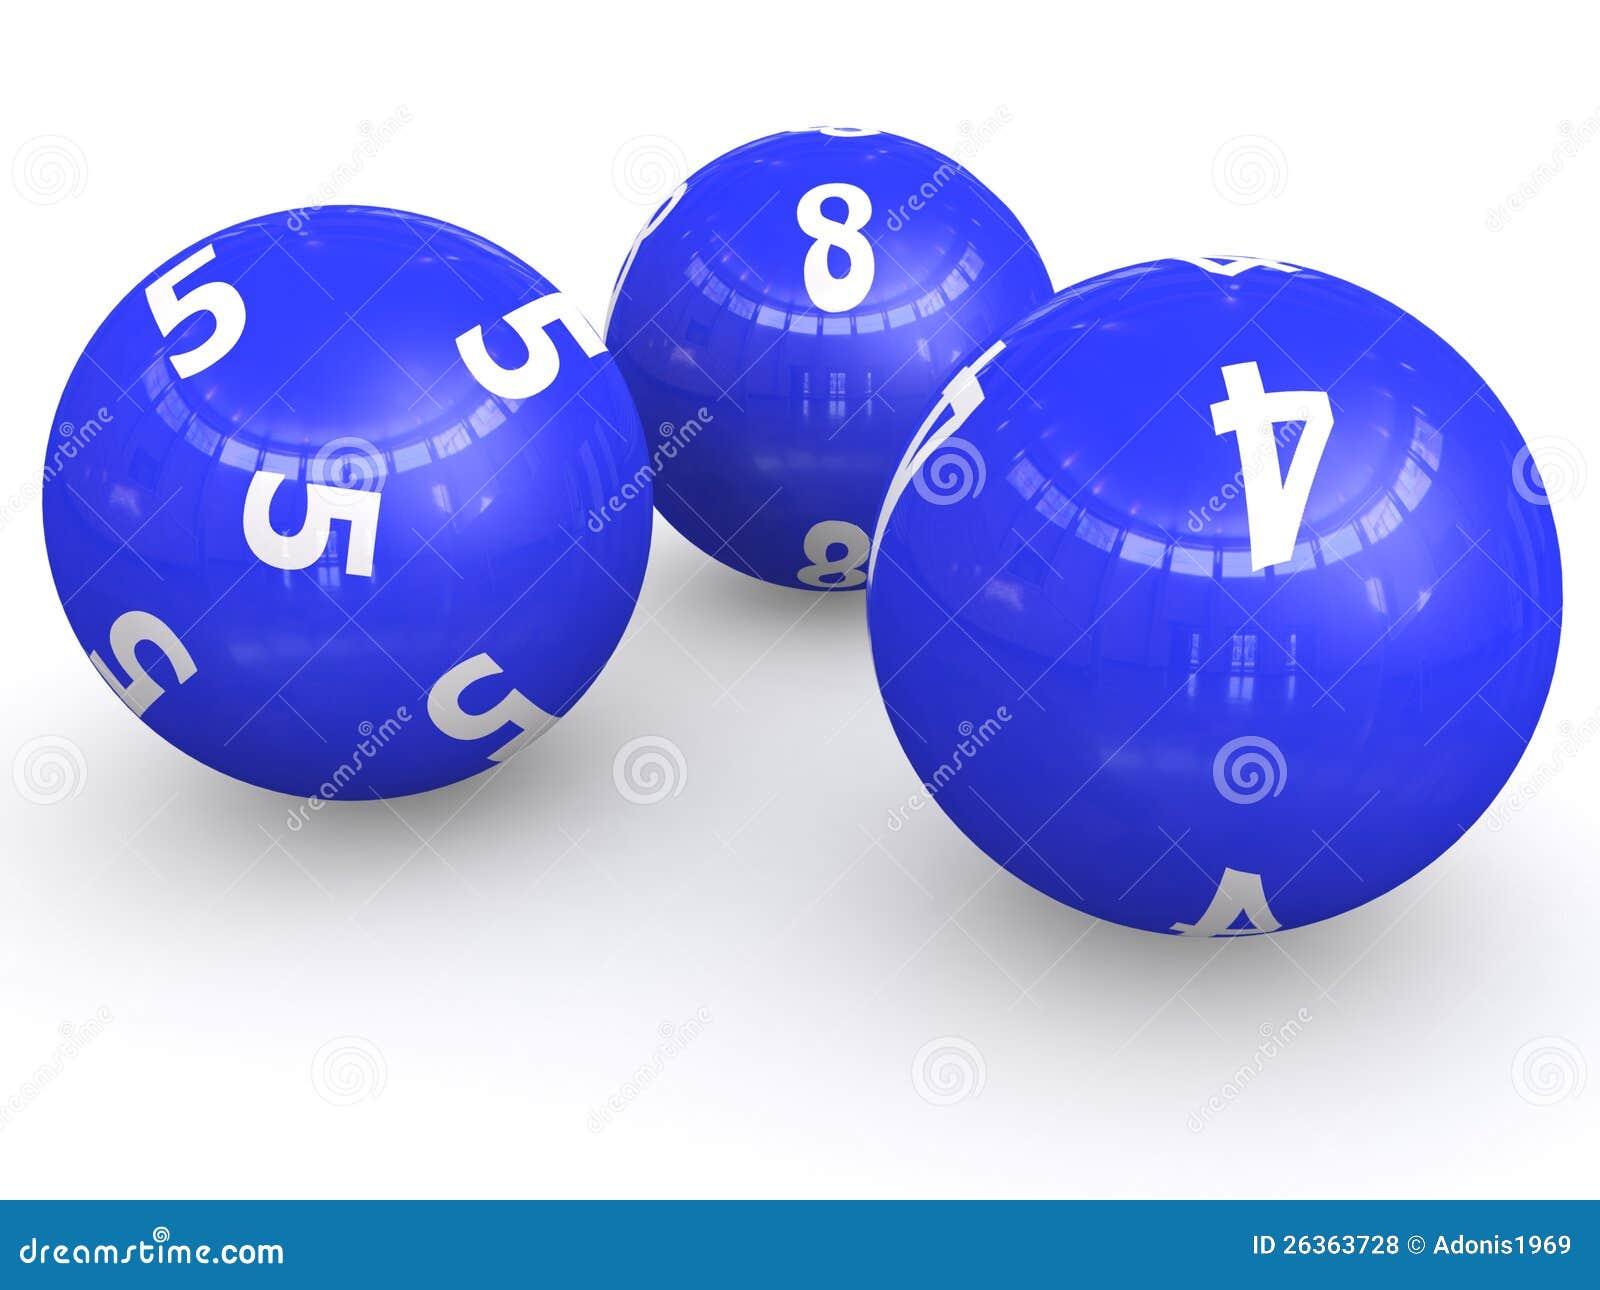 Nummerierte Lotteriekugeln